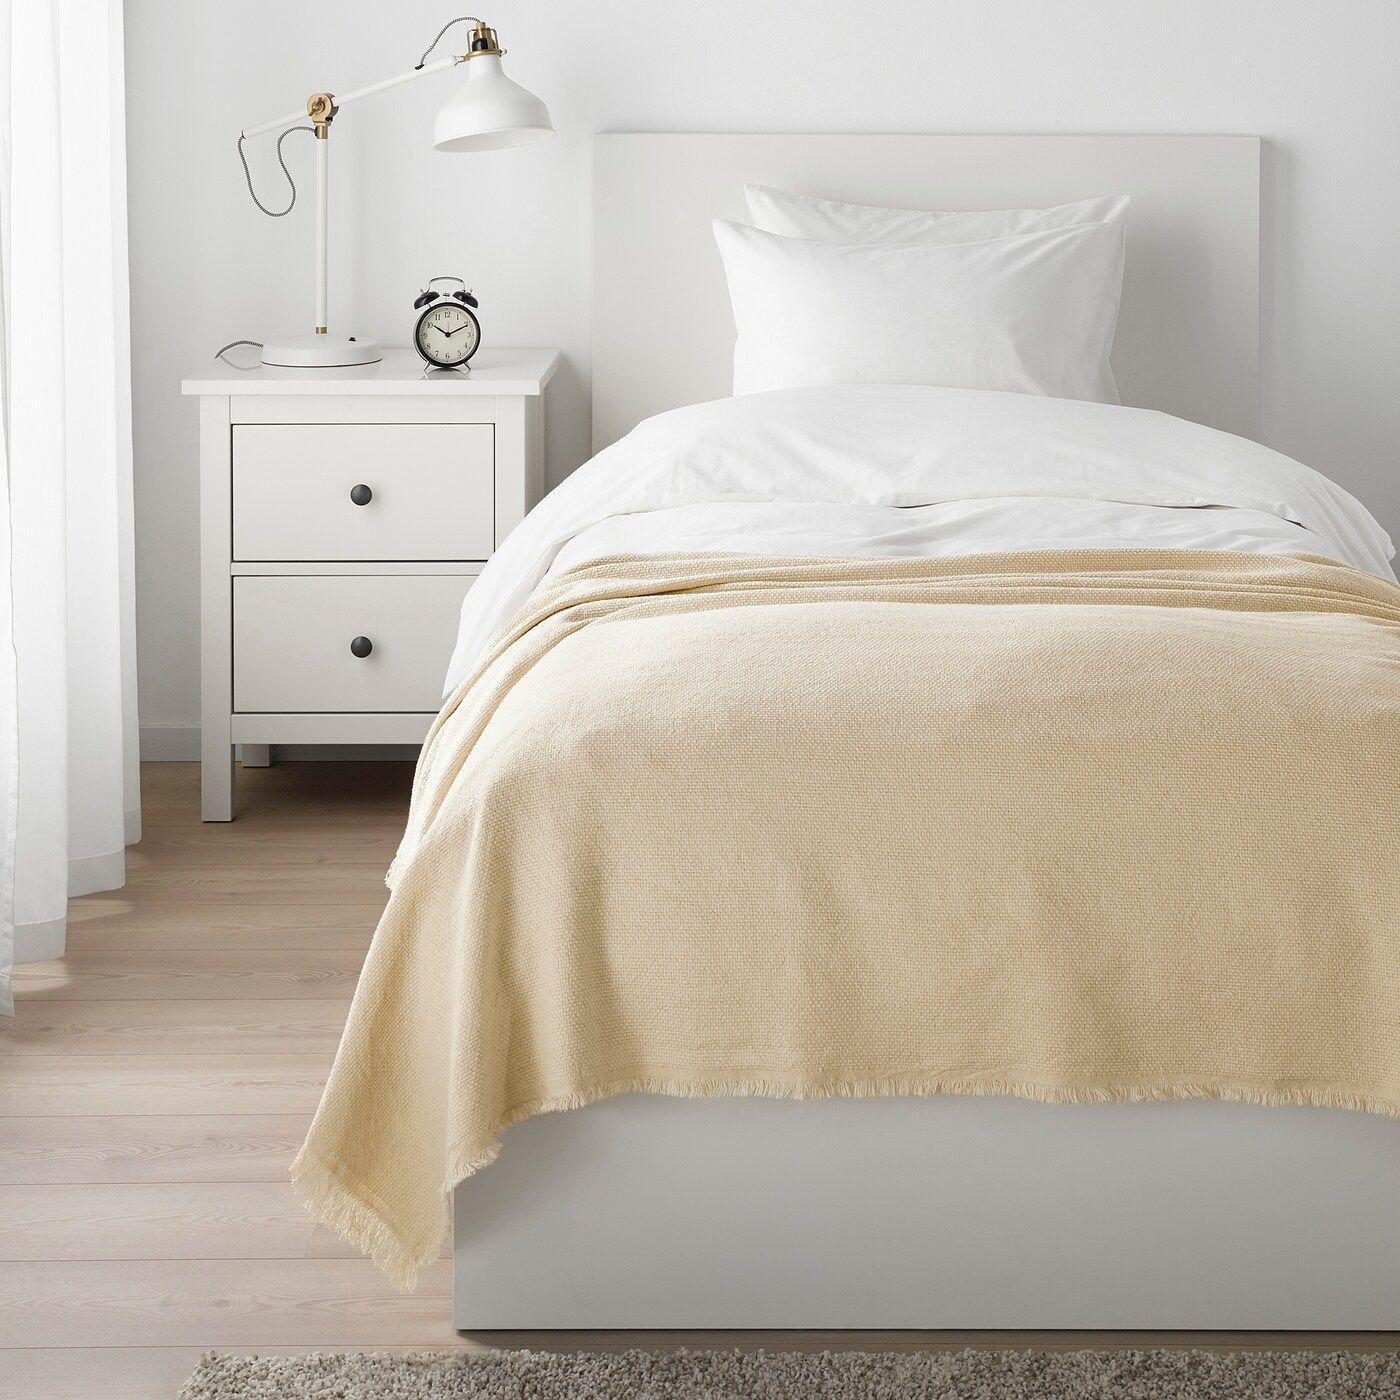 Ikea Tjarblomster Bedspread Gray Ikea In 2019 Bed Spreads